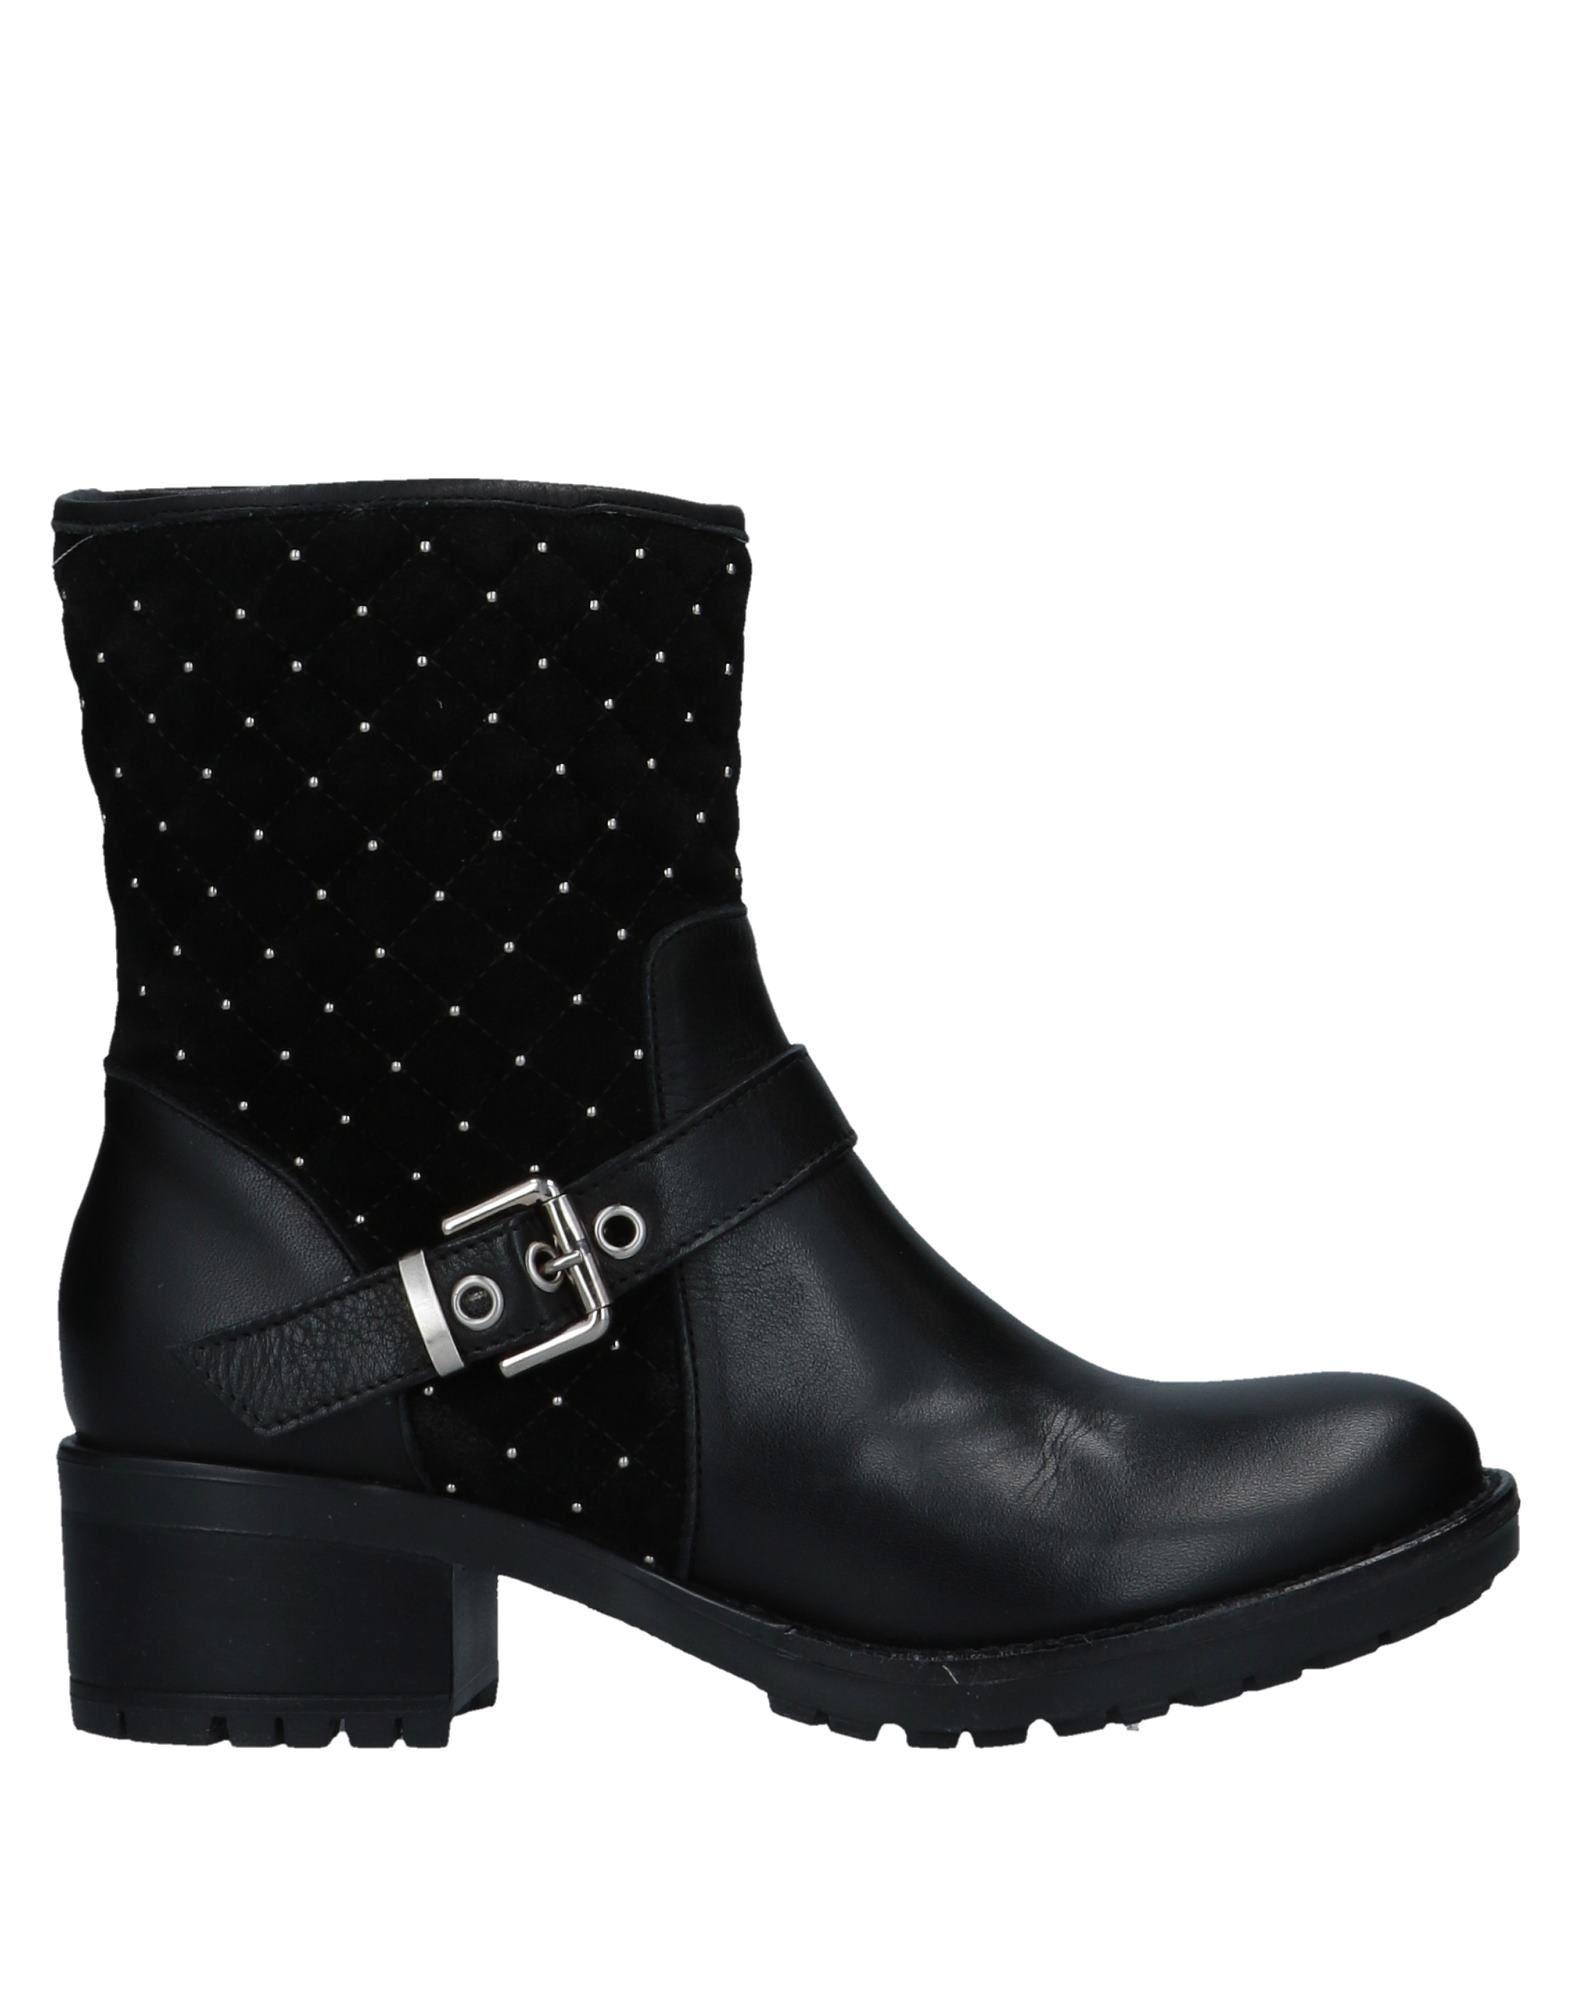 Bottine Emanuela Passeri Femme - Les Bottines Emanuela Passeri Noir Les - chaussures les plus populaires pour les hommes et les femmes 001676